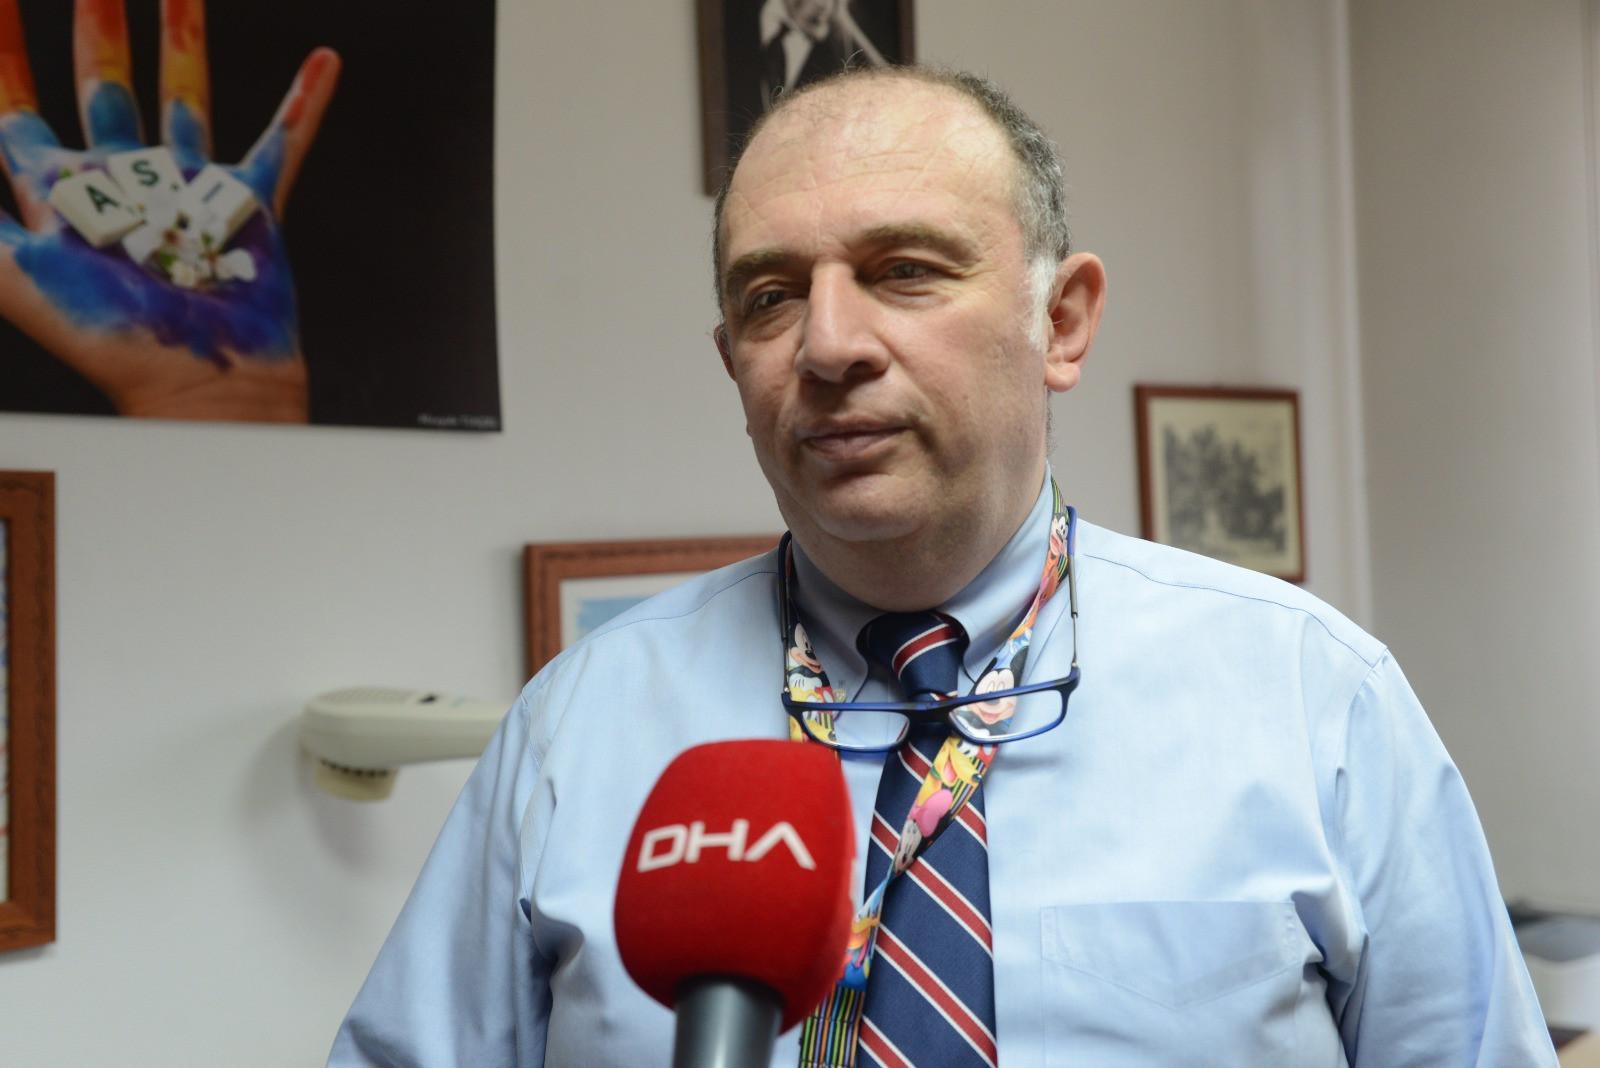 Bilim Kurulu Üyesi Prof. Dr. Kara korkutan YKS açıklamasına yanıt verdi